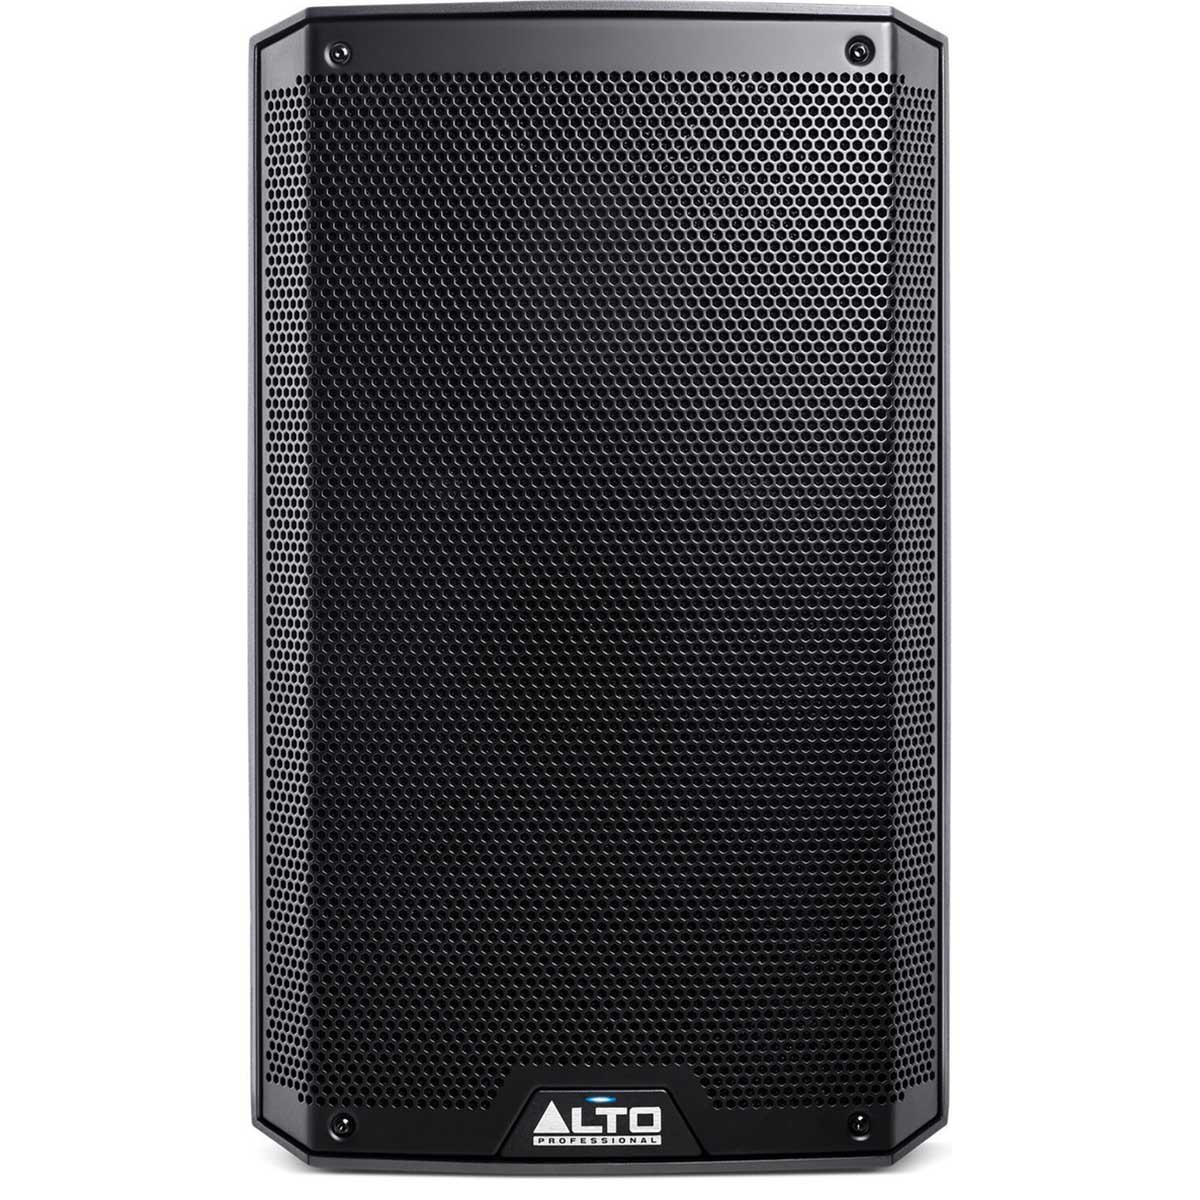 Alto TS212W Caixa Acústica Ativa, 800 Watts Pico, 12 Polegadas, 110v